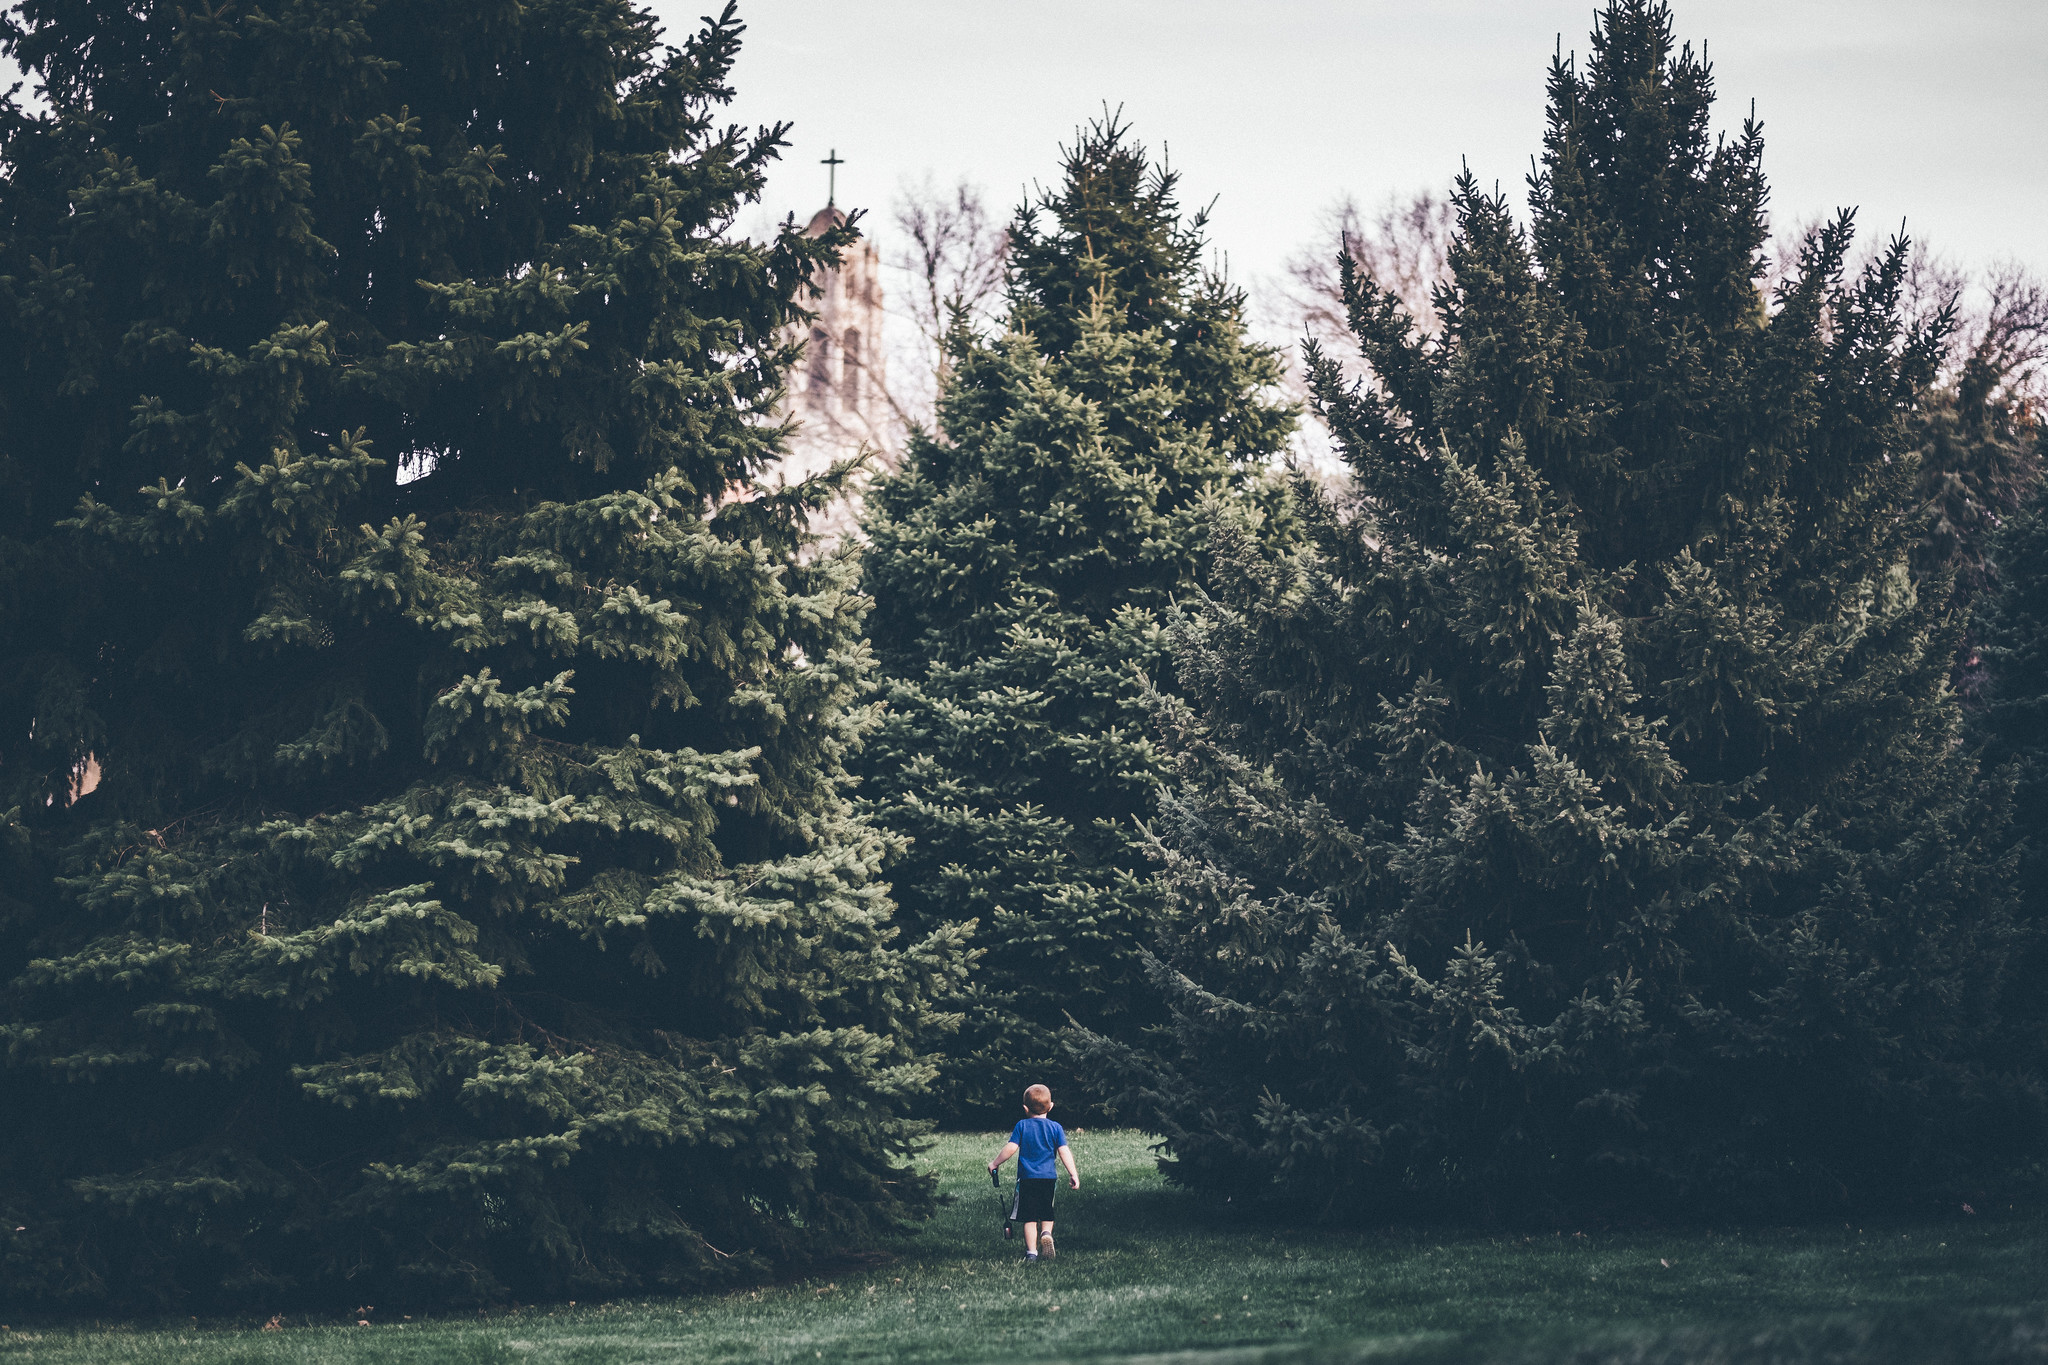 Ezra in the trees